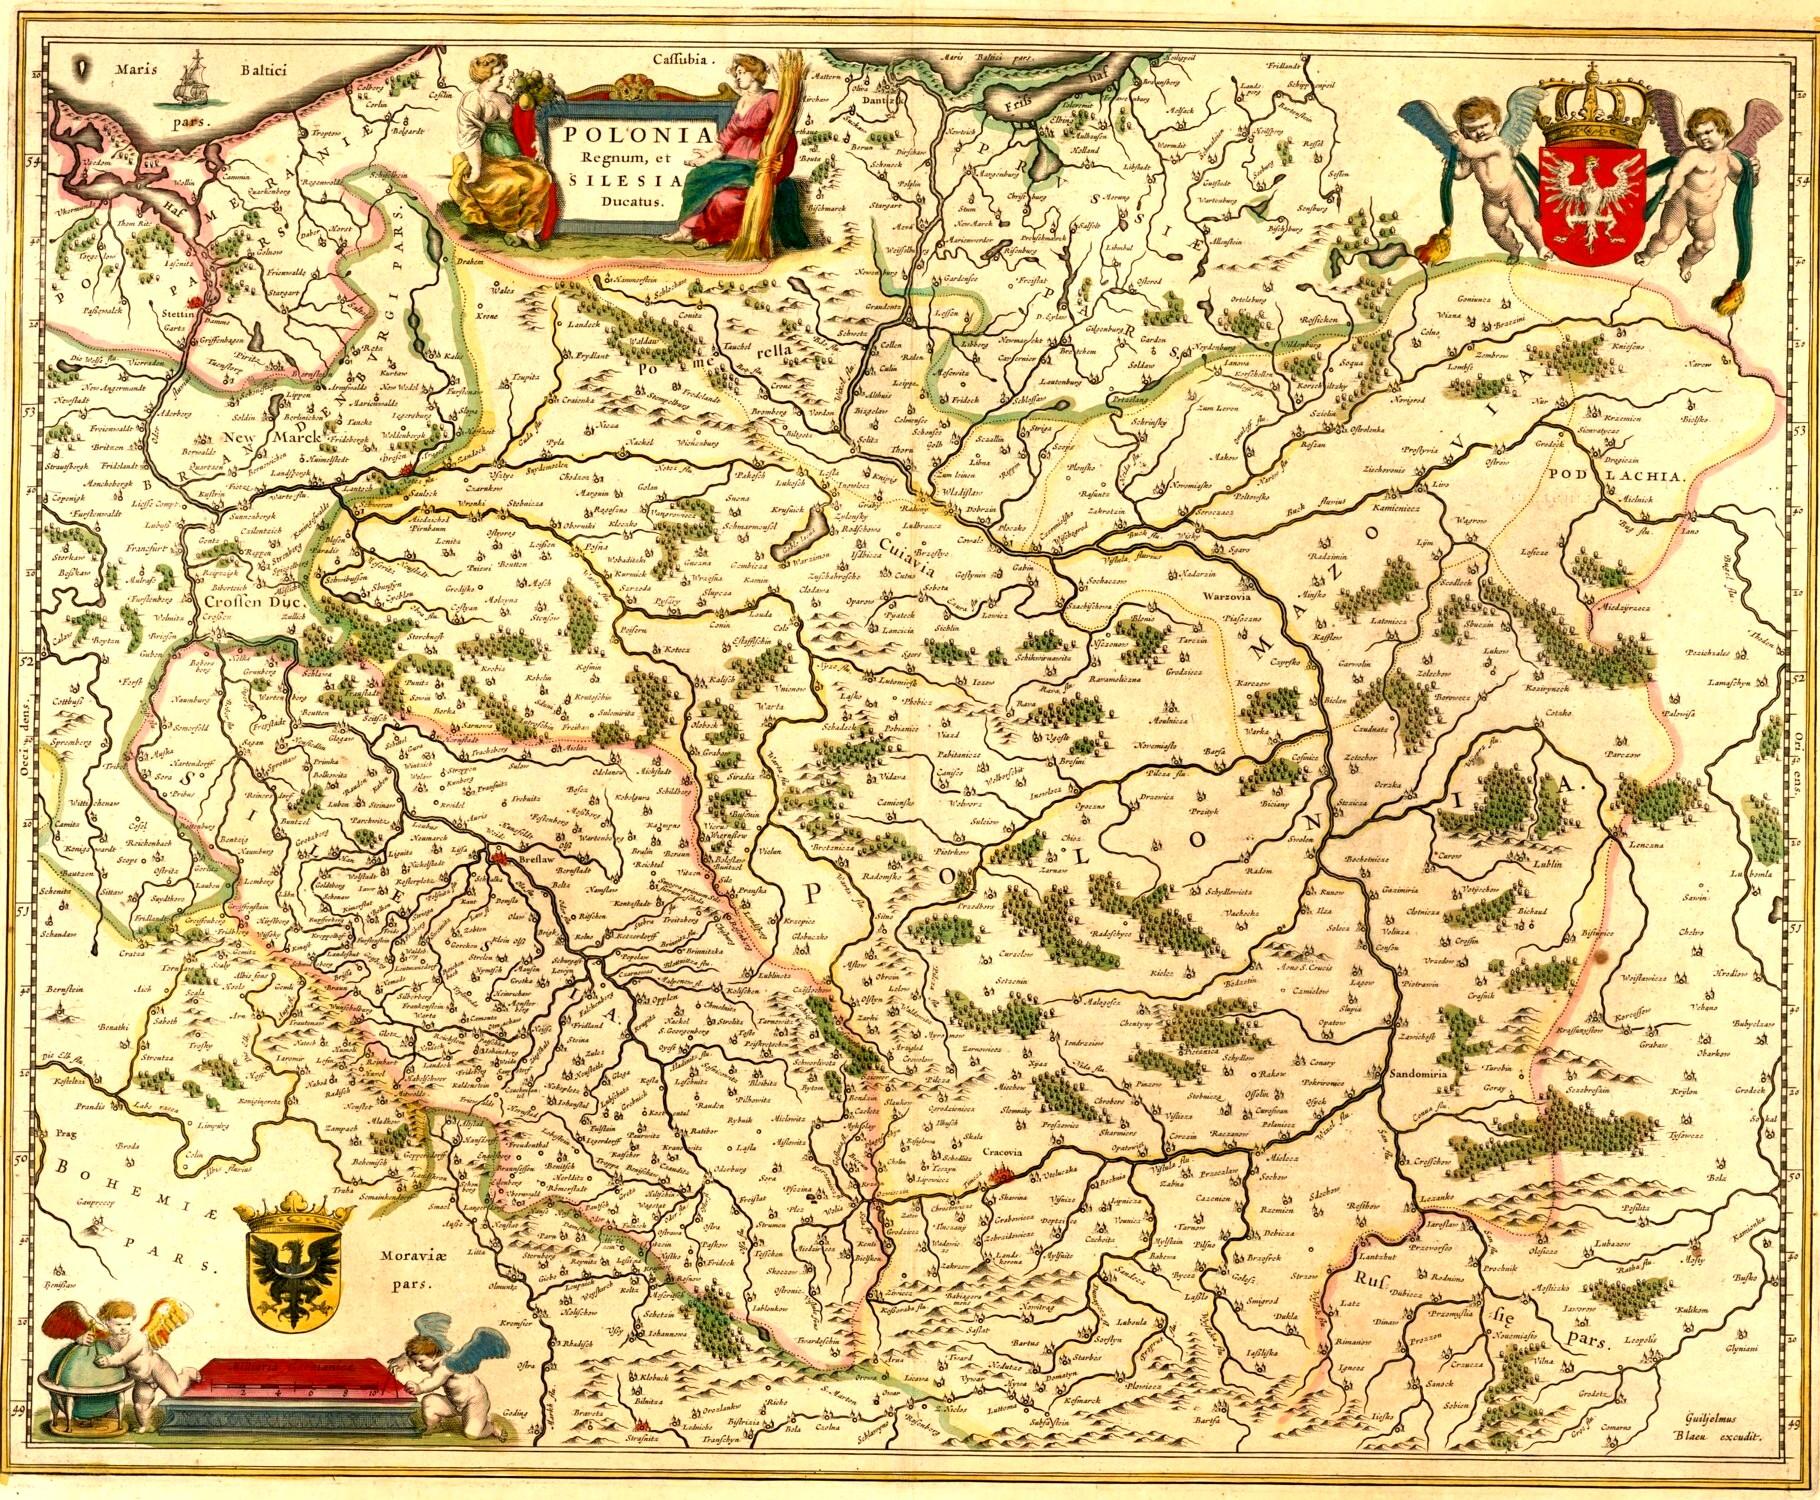 Ţările cu memorie au hărţi proprii încă din 1645